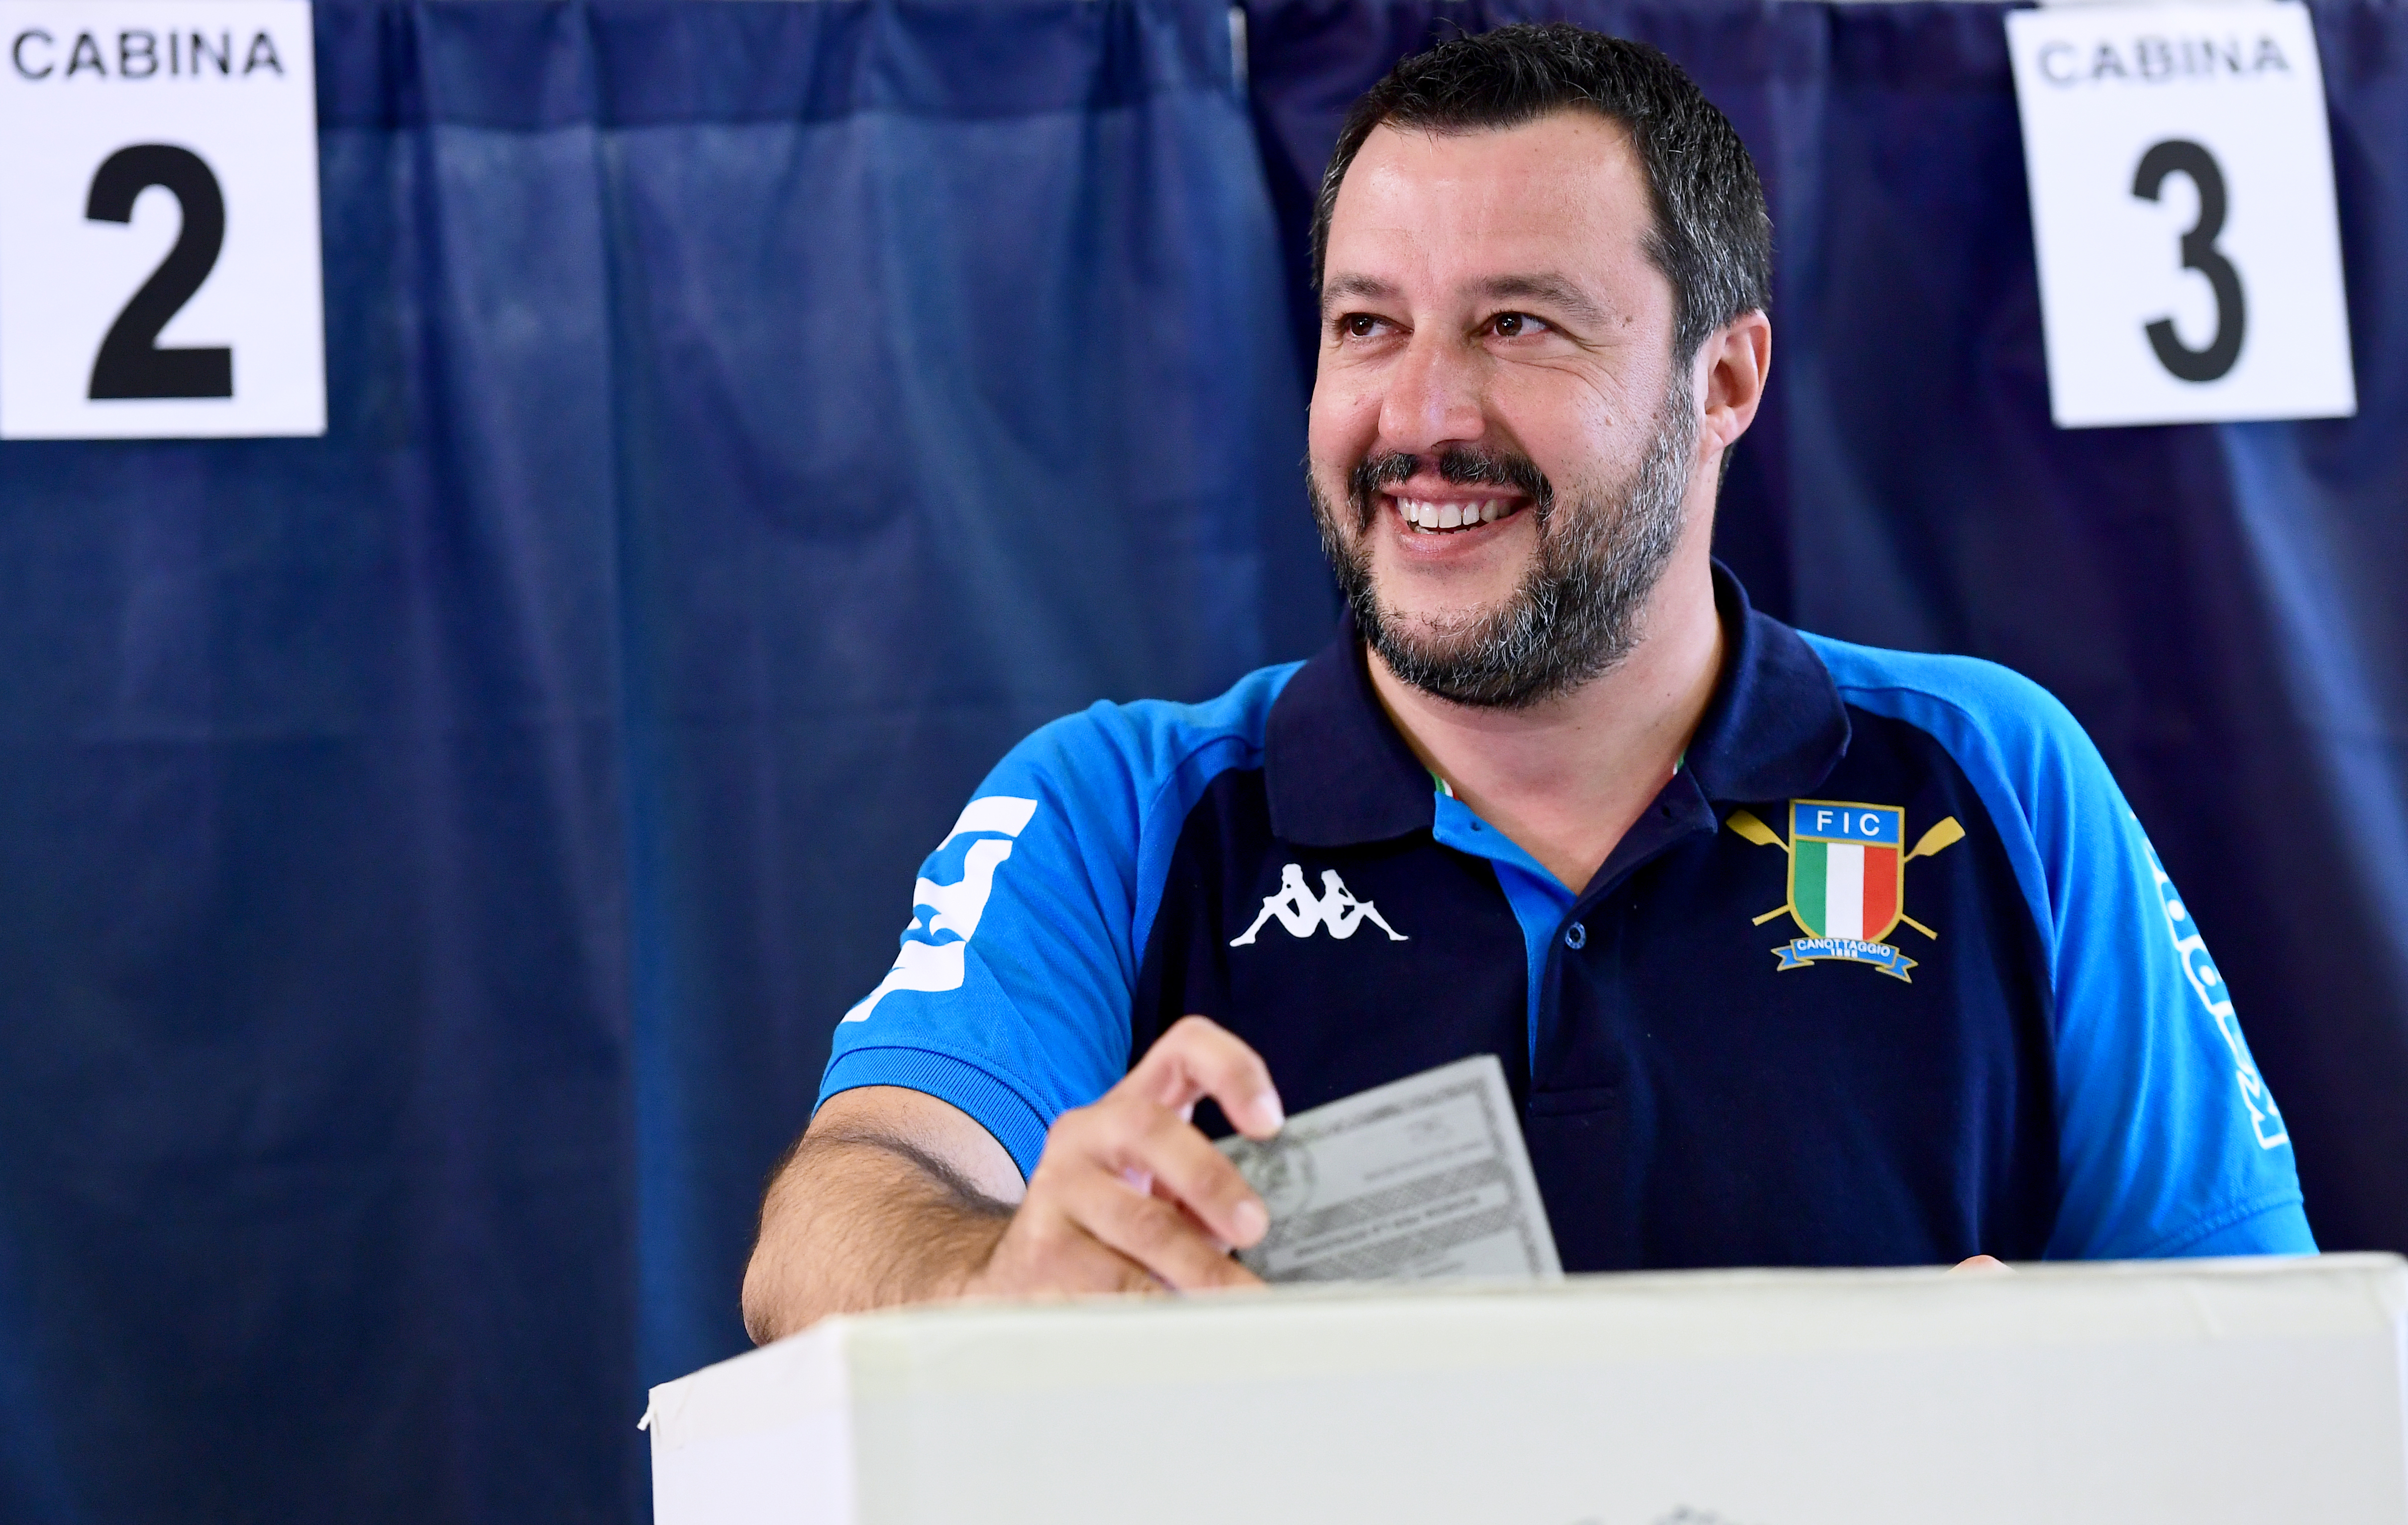 Nyomoz az olasz ügyészség Salviniék orosz támogatása miatt